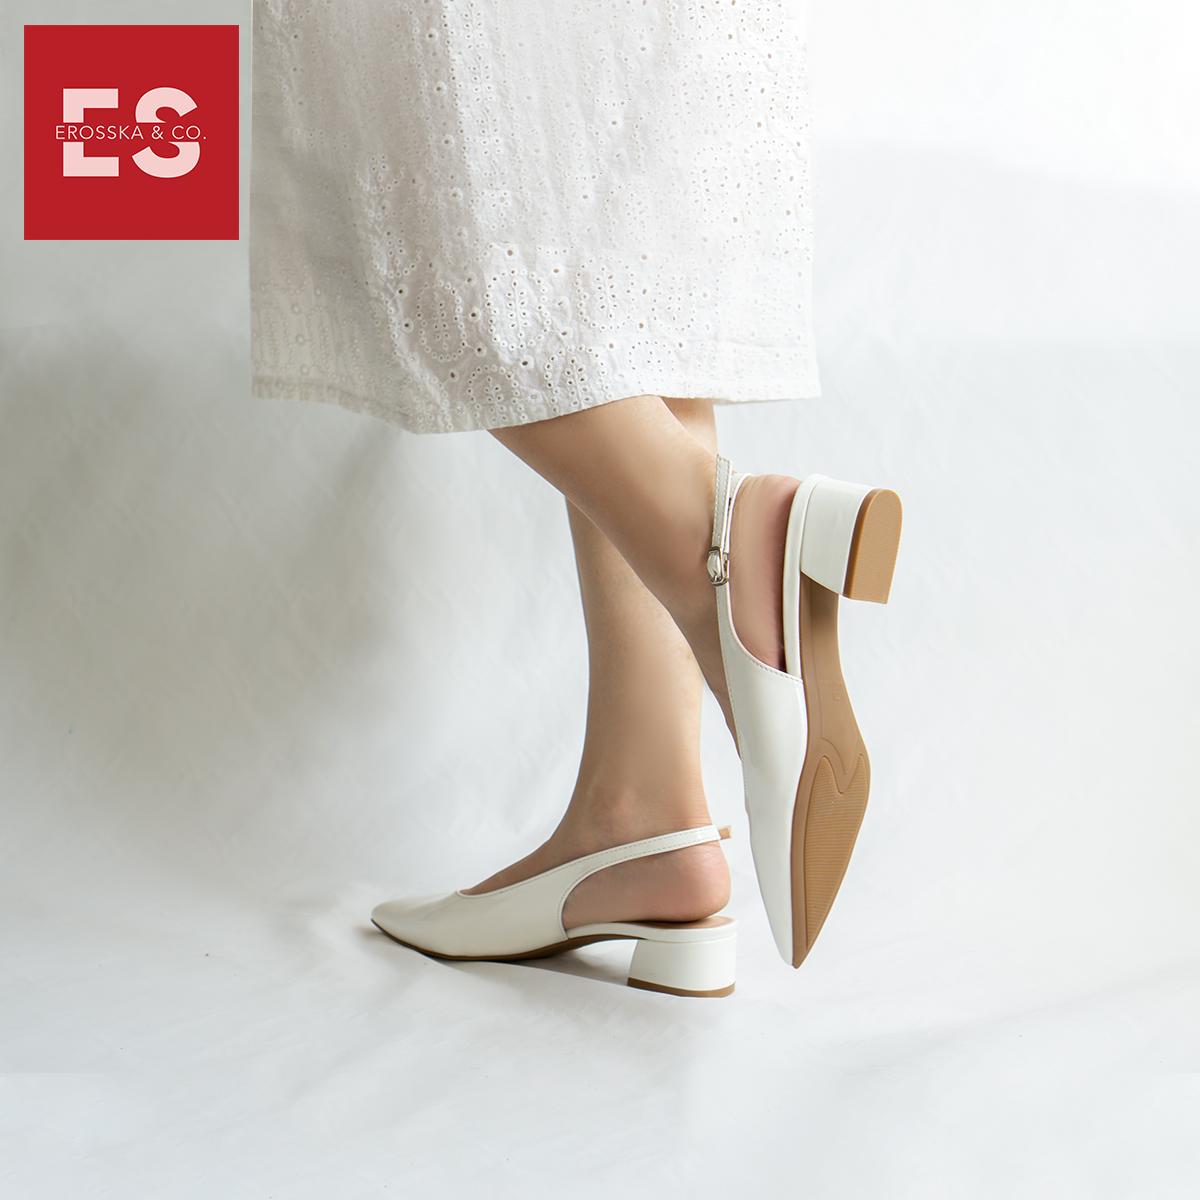 Giày cao gót slingback Erosska mũi nhọn da bóng kiểu dáng basic cao 4cm - EL012 7